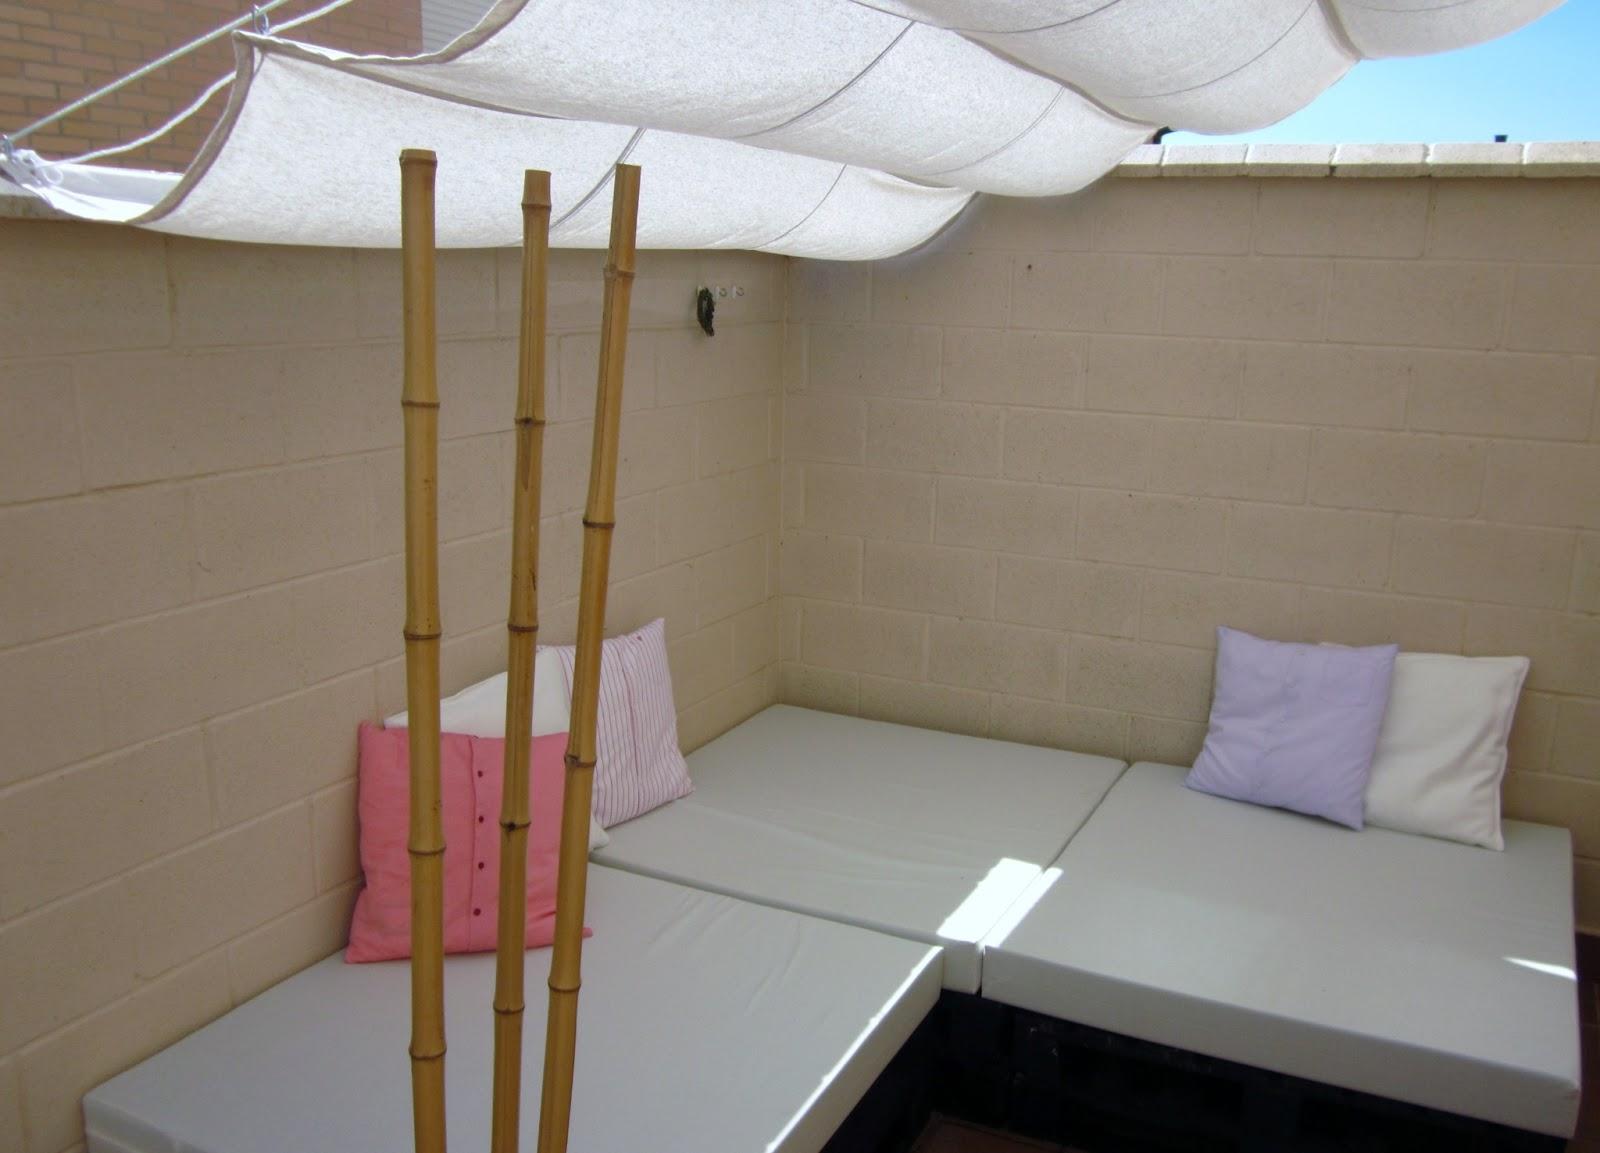 I d e a toldo corredizo casero for Toldos corredizos para terrazas